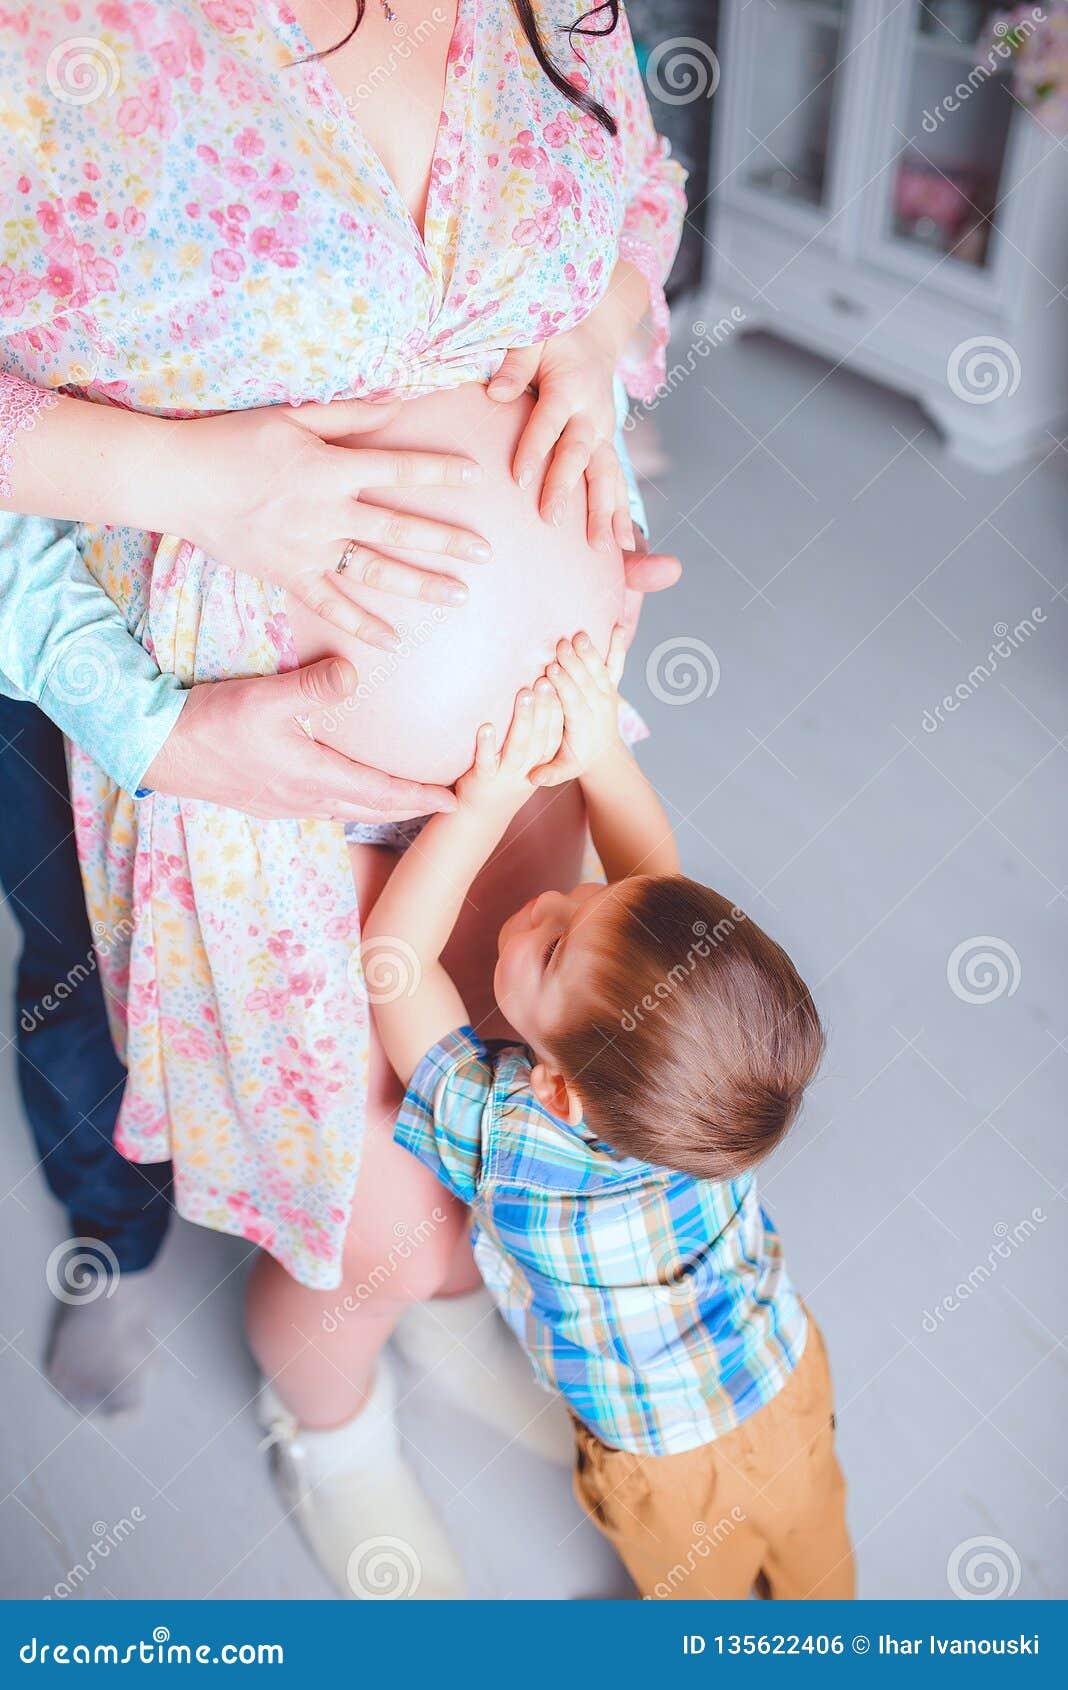 Esperando sua irmã, o menino toca em sua barriga